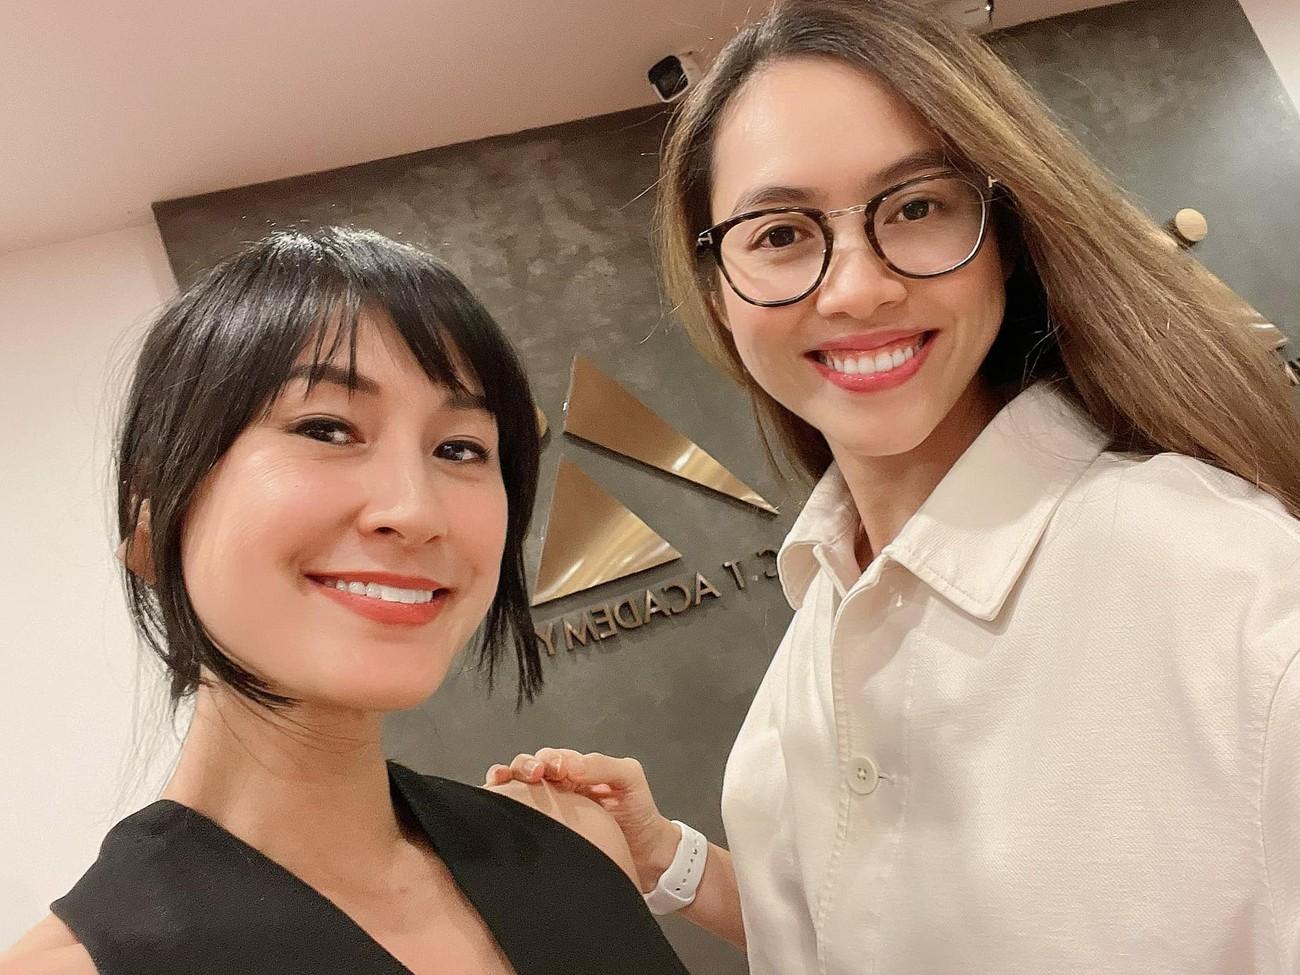 Á hậu Phương Anh mặc áo tắm sexy, Ngọc Thảo giản dị vẫn quyến rũ trong phòng cách ly ảnh 11